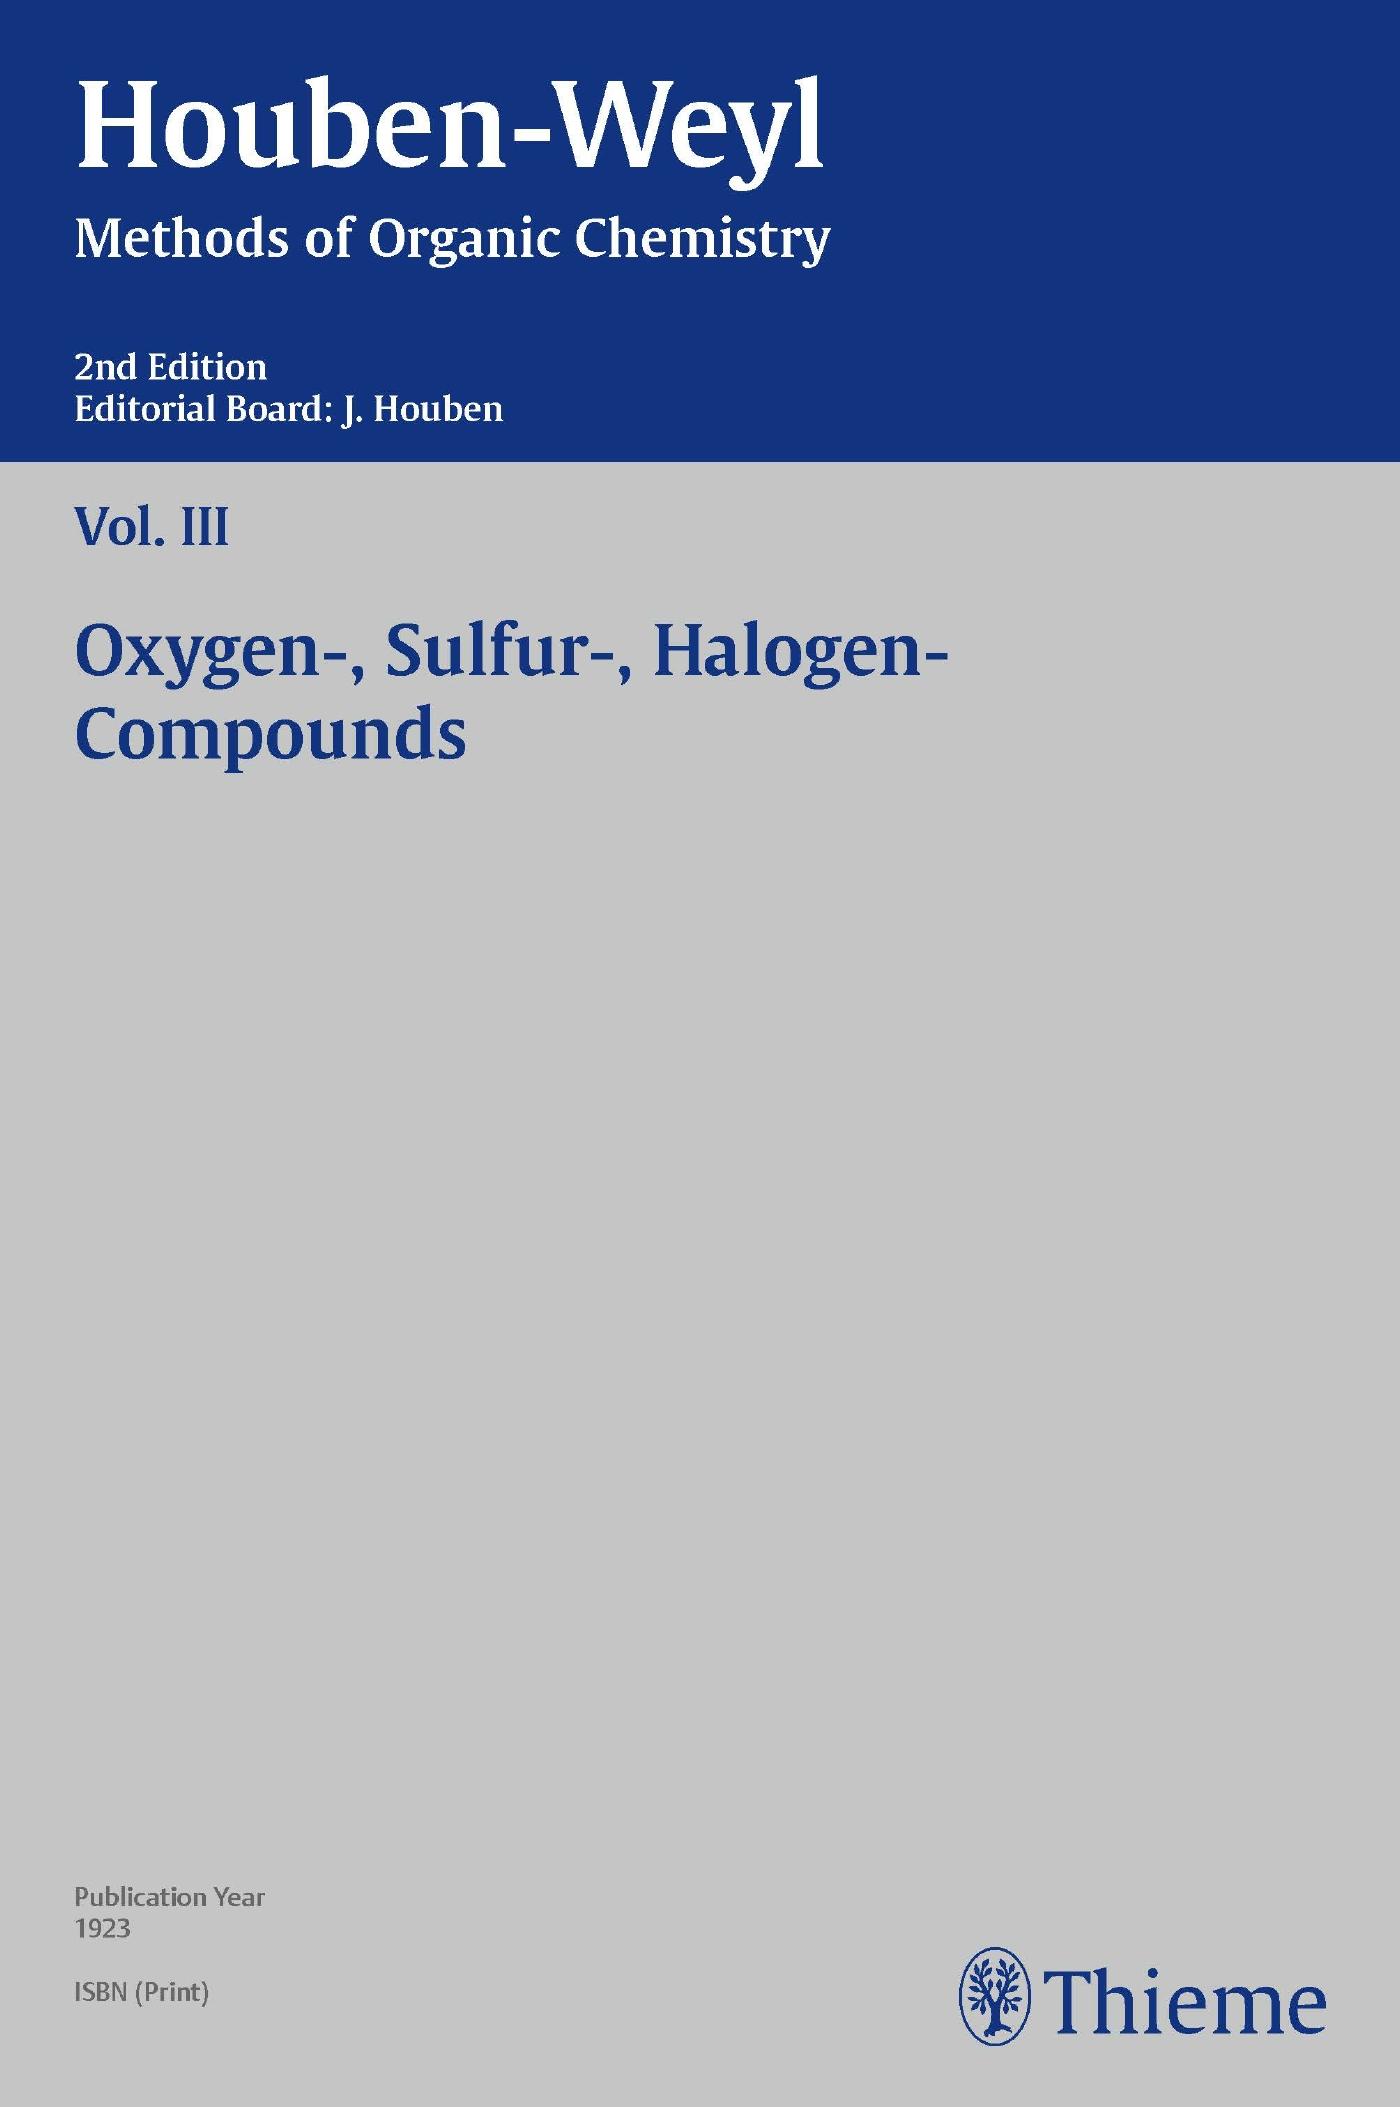 Houben-Weyl Methods of Organic Chemistry Vol. III, 2nd Edition